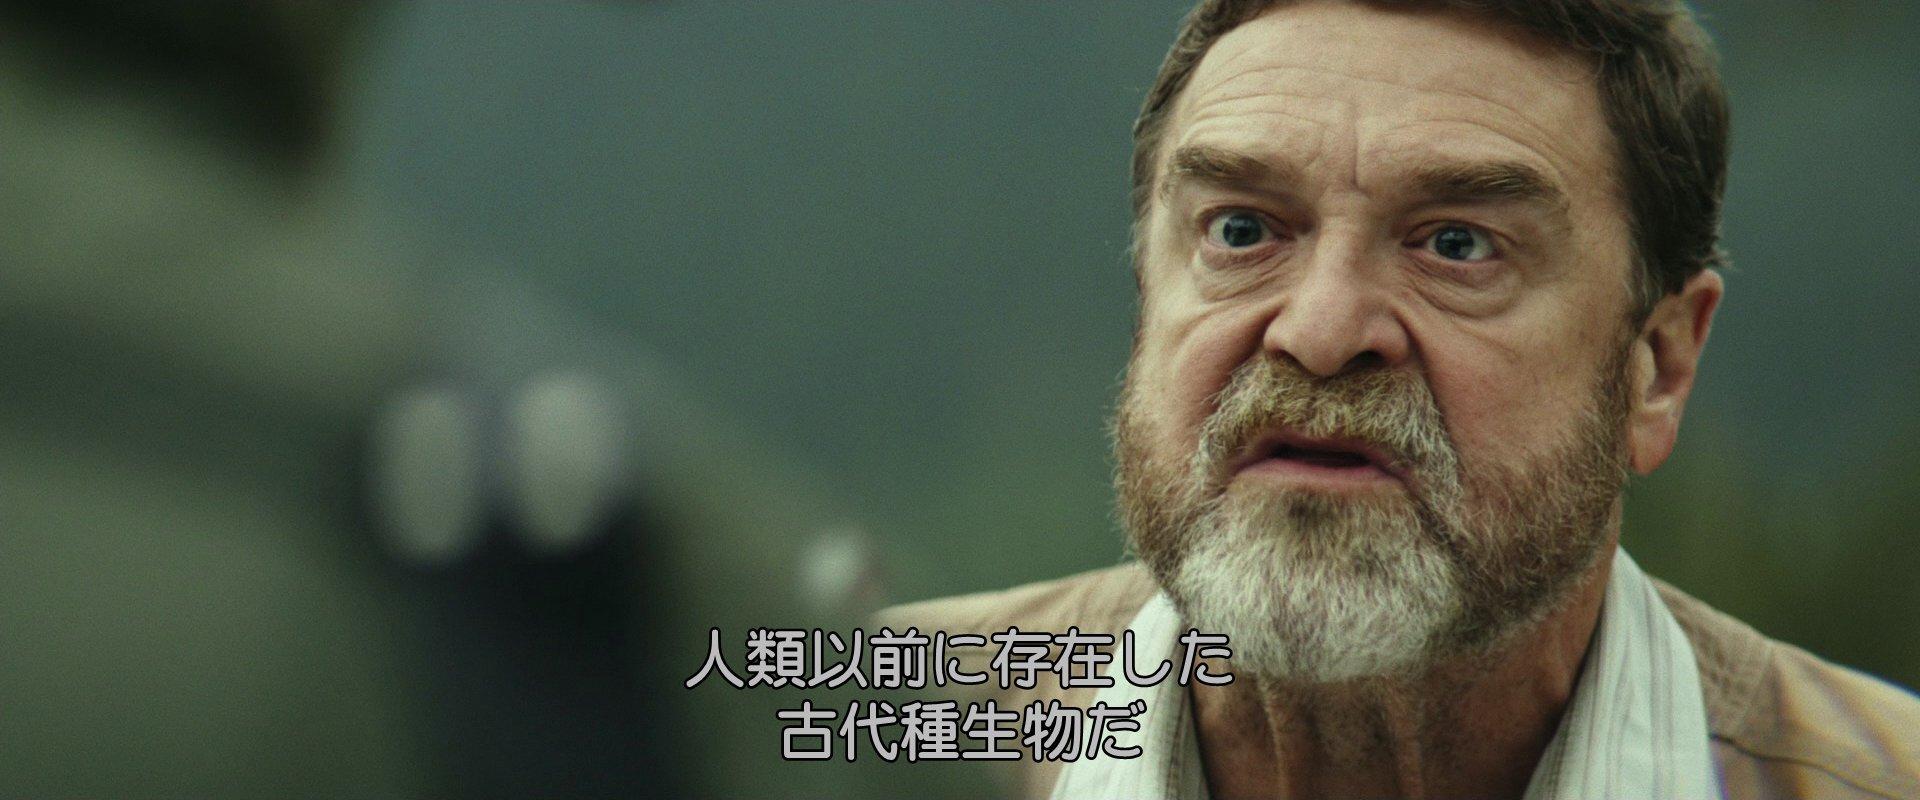 『キングコング髑髏島の巨神』より モナーク